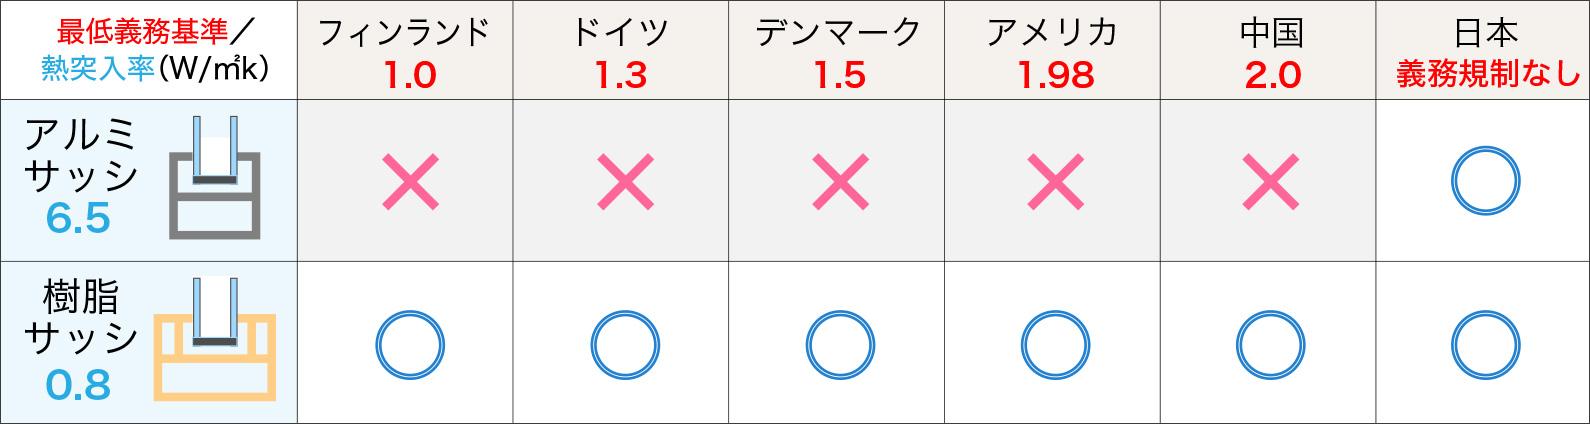 広島の新築・リフォーム・増改築「プレザーホーム」 世界の断熱最低義務基準